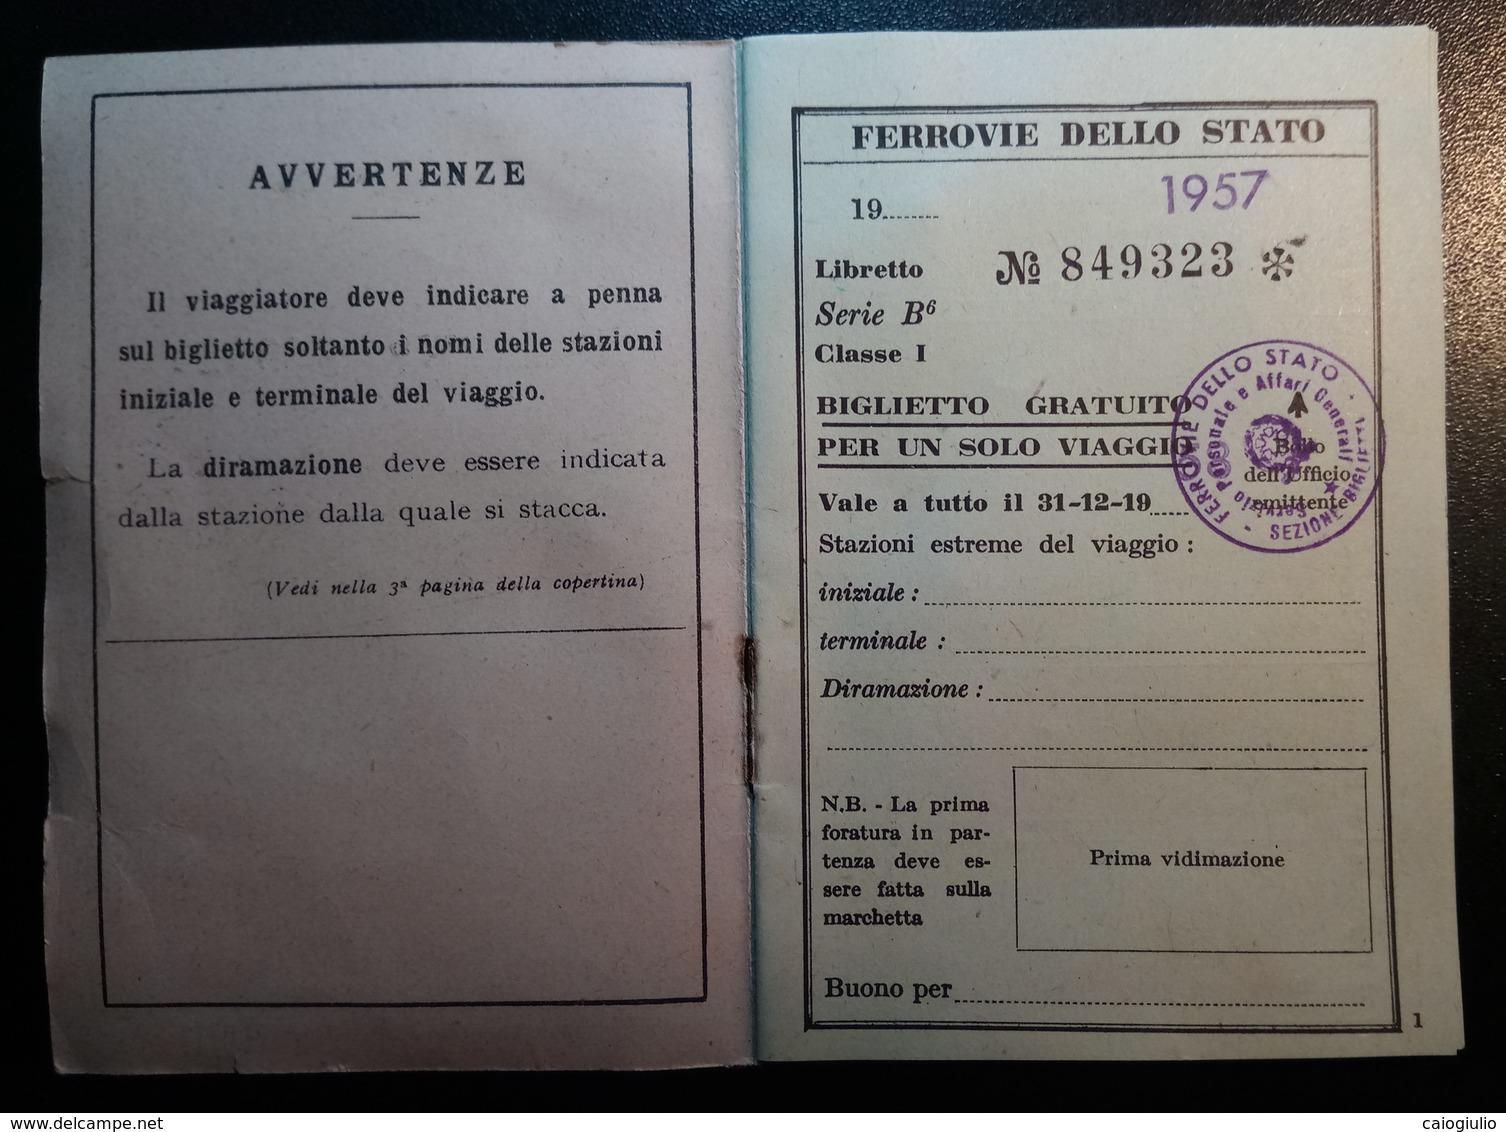 TESSERA FERROVIE DELLO STATO 1957 VIAGGI DEL PERSONALE E FAMIGLIE - Ferrovie